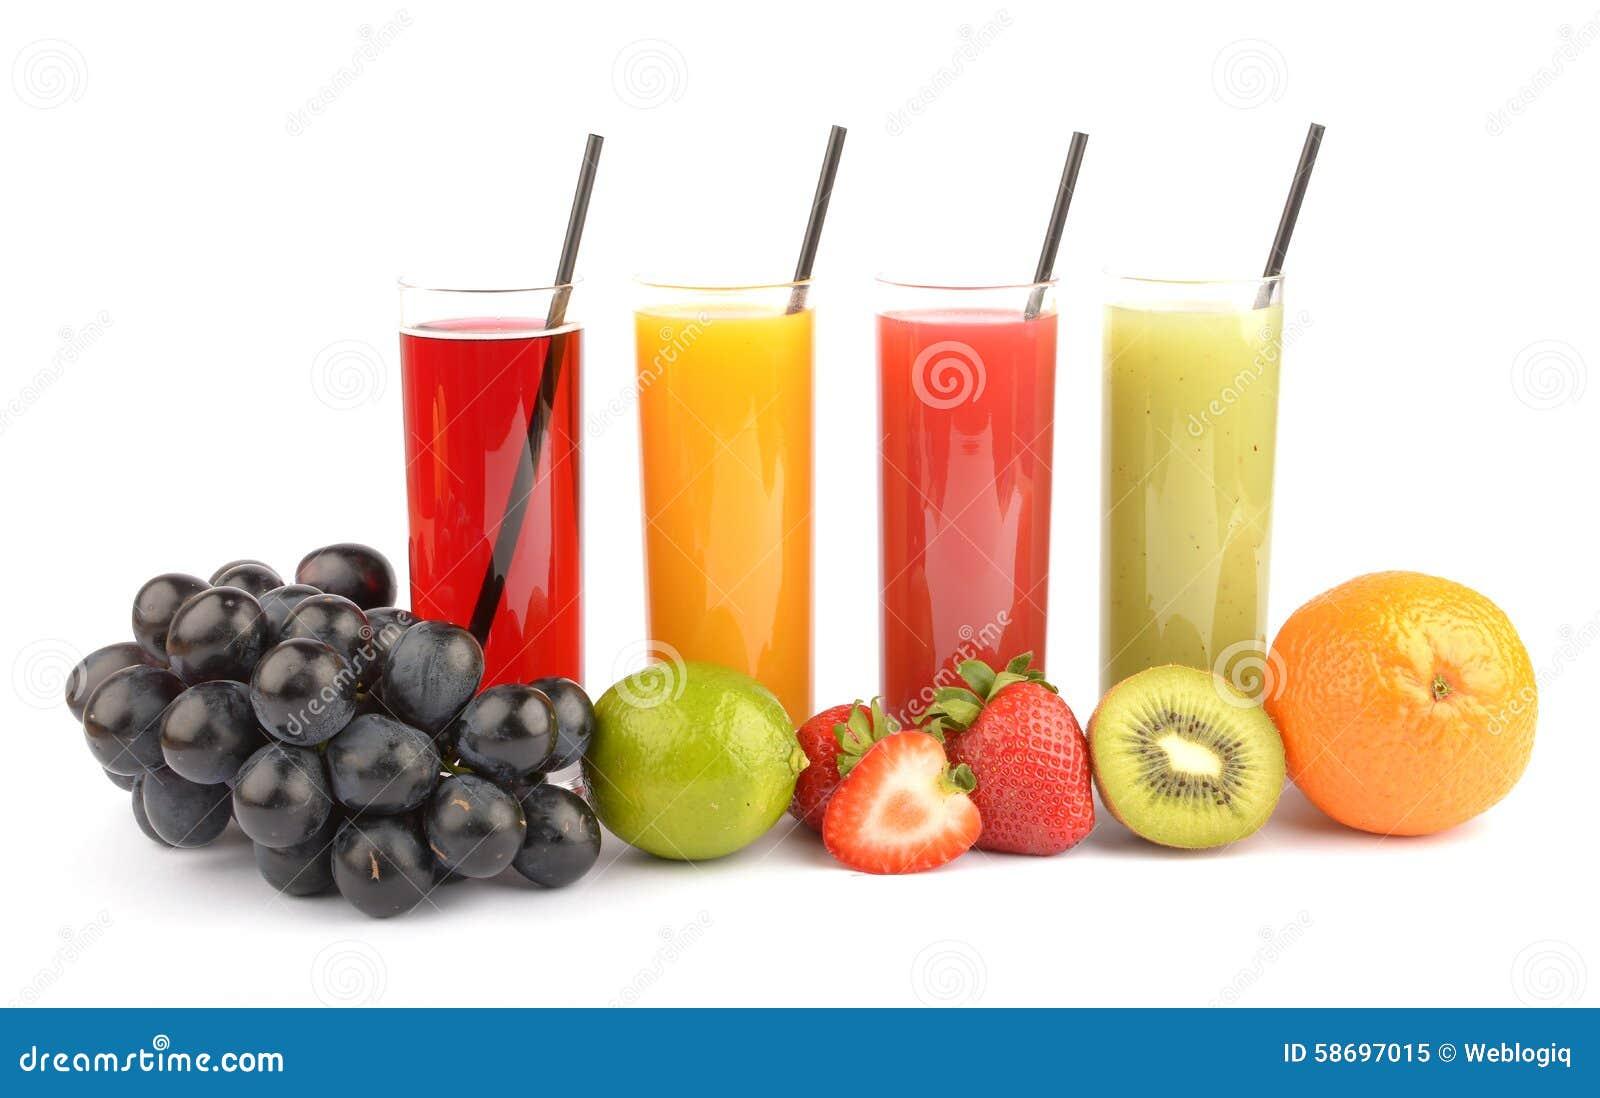 Jus de fruit frais sur le blanc